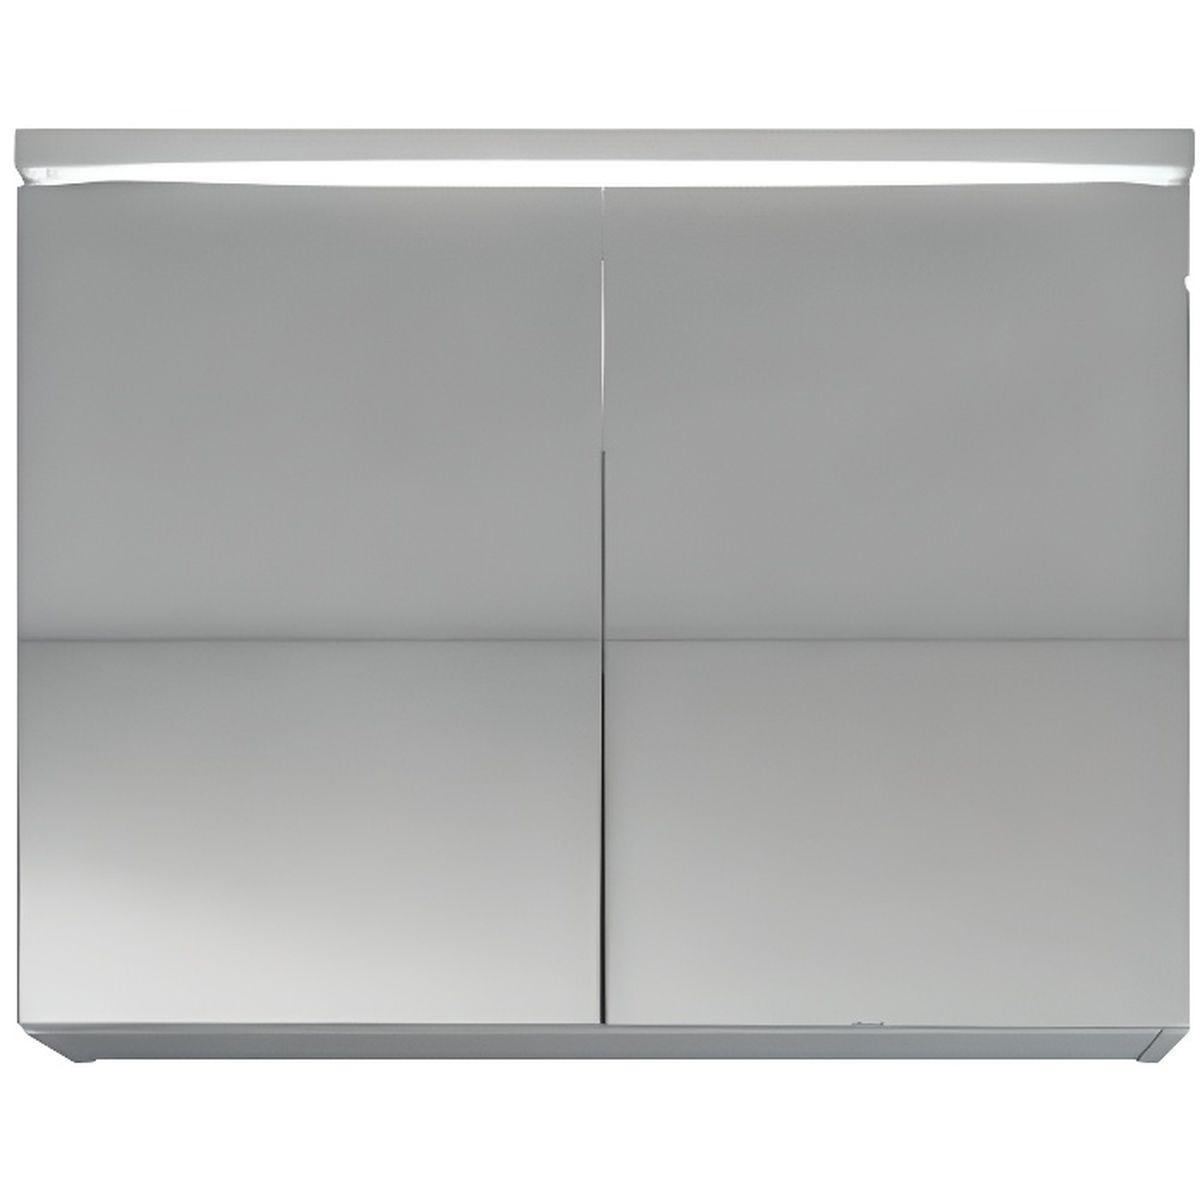 armoire miroir salle de bain achat vente armoire. Black Bedroom Furniture Sets. Home Design Ideas